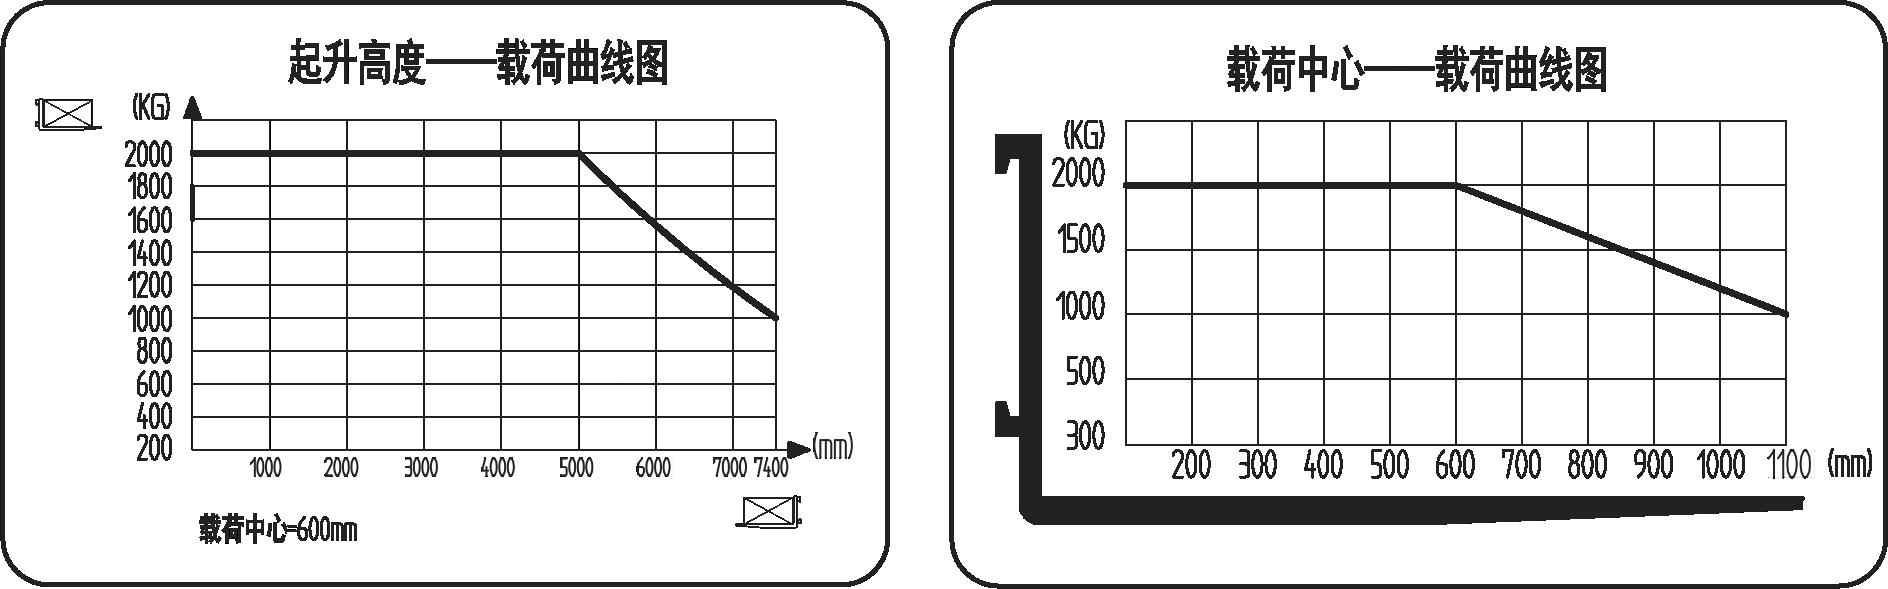 荷载曲线图.png